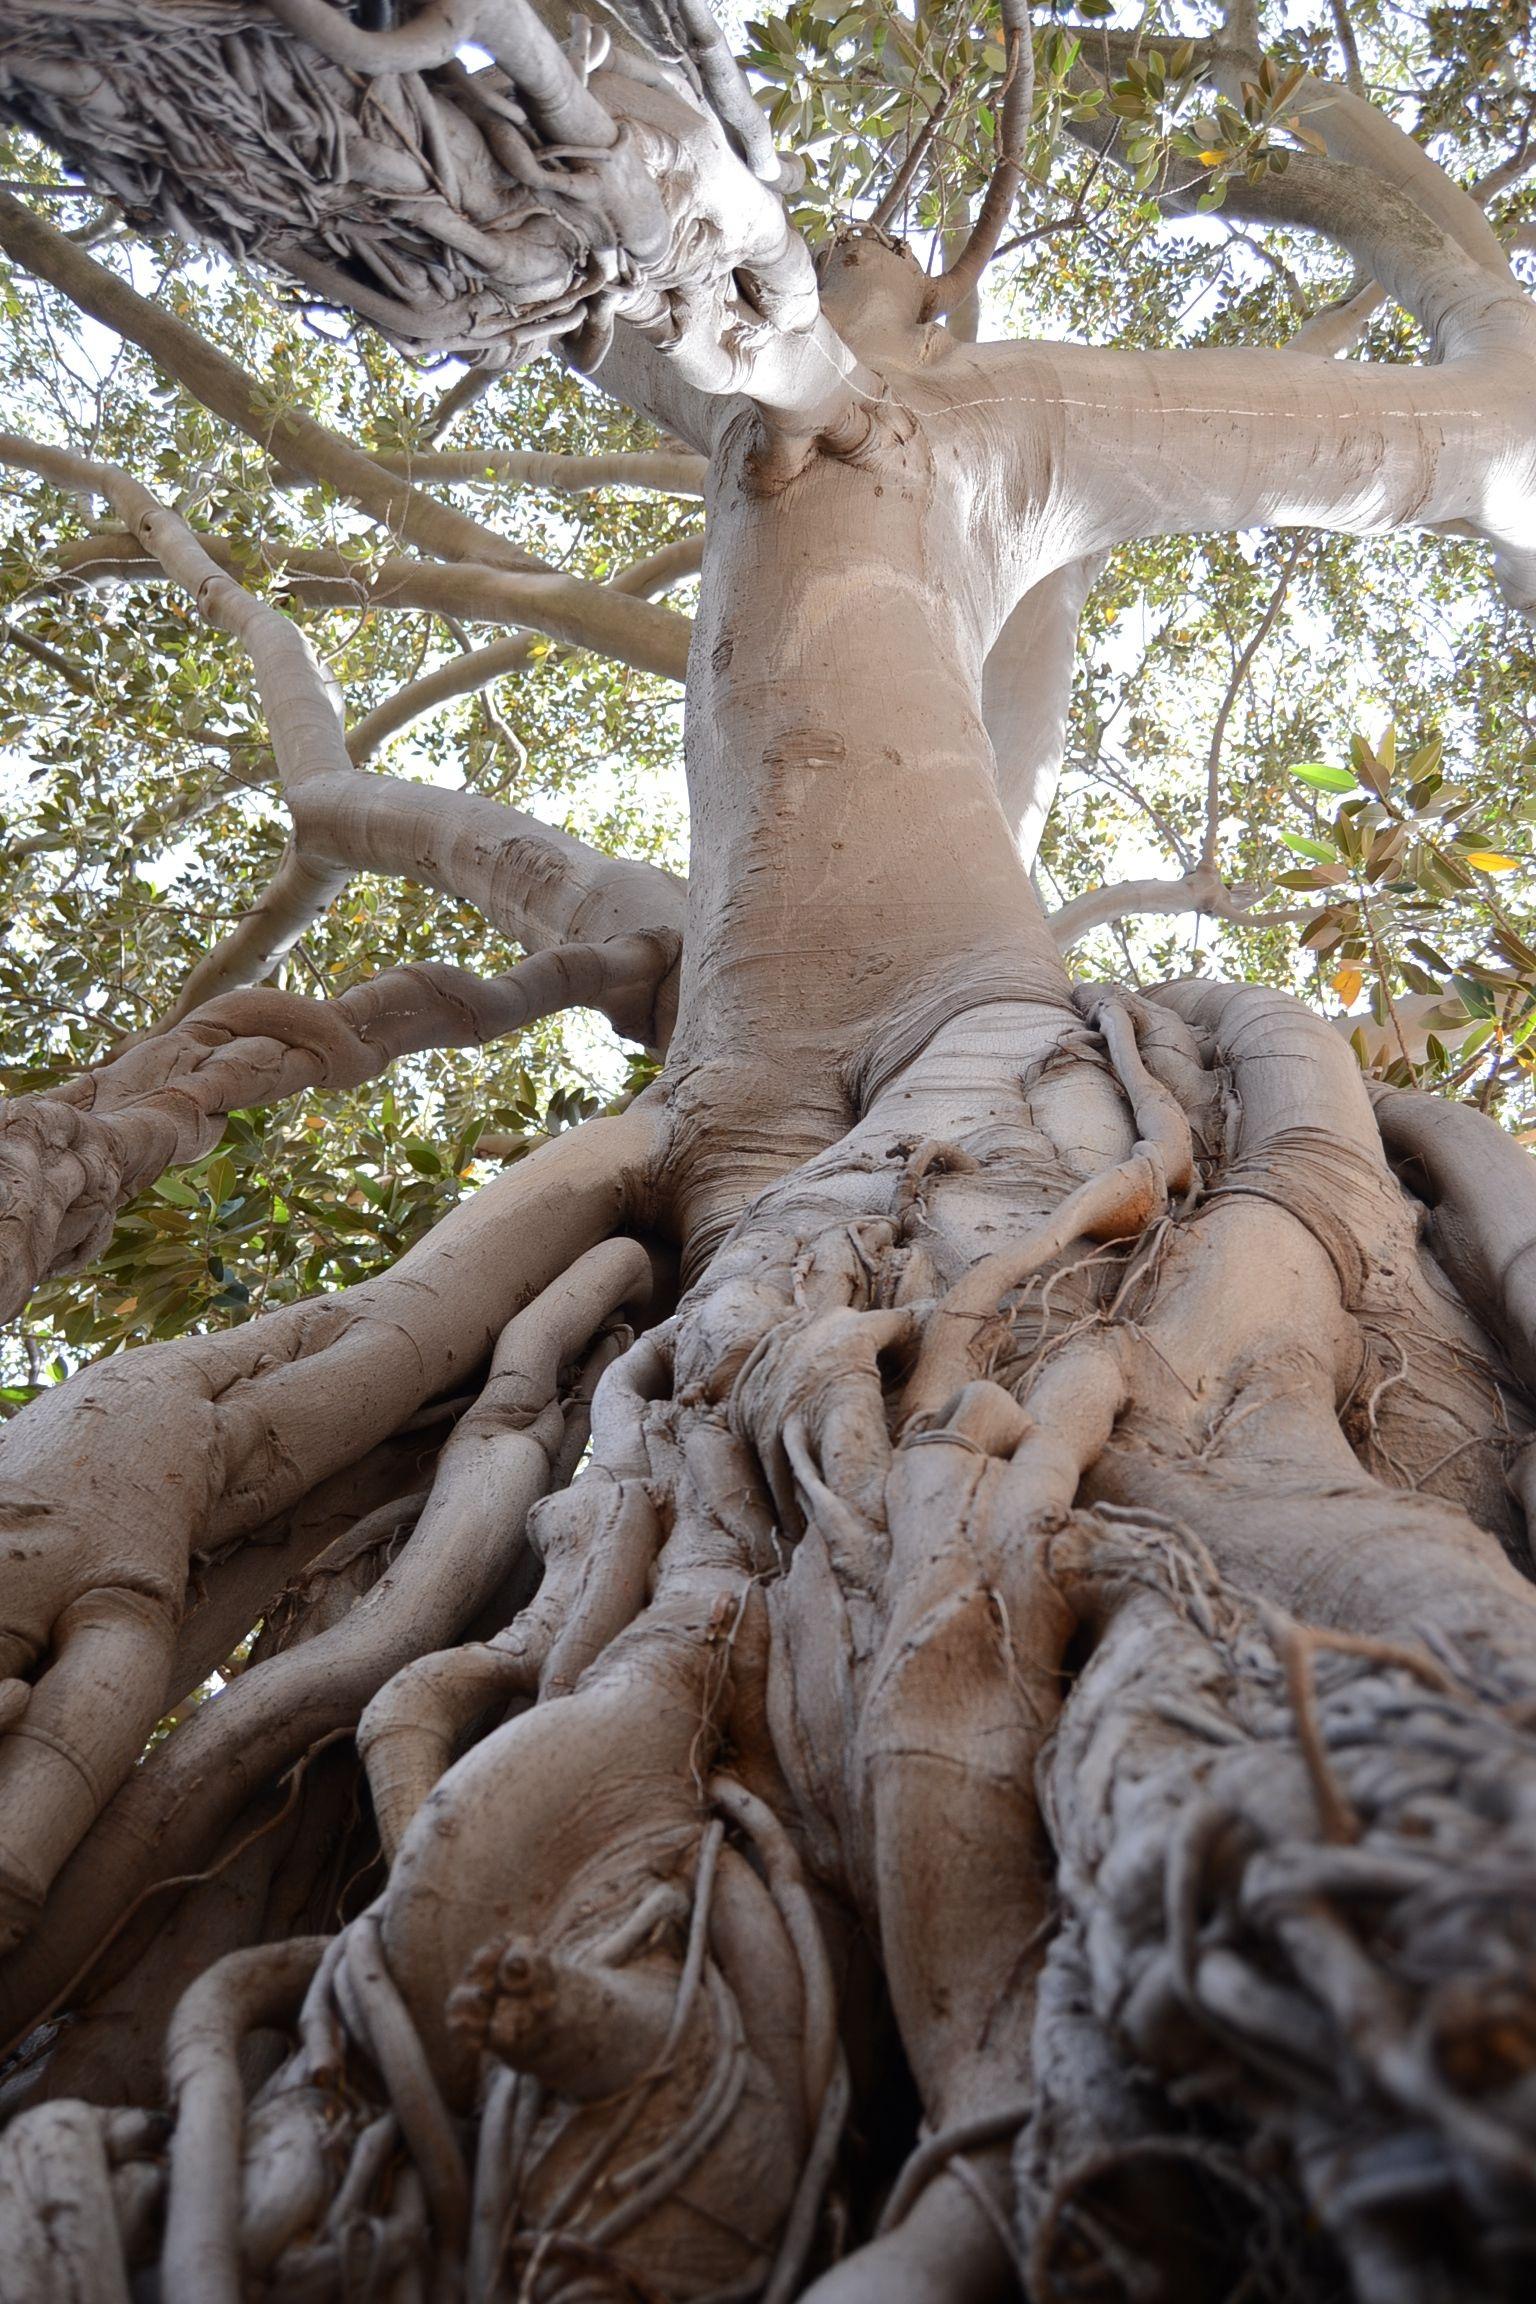 images gratuites arbre la nature branche plante bois feuille fleur tronc statue. Black Bedroom Furniture Sets. Home Design Ideas